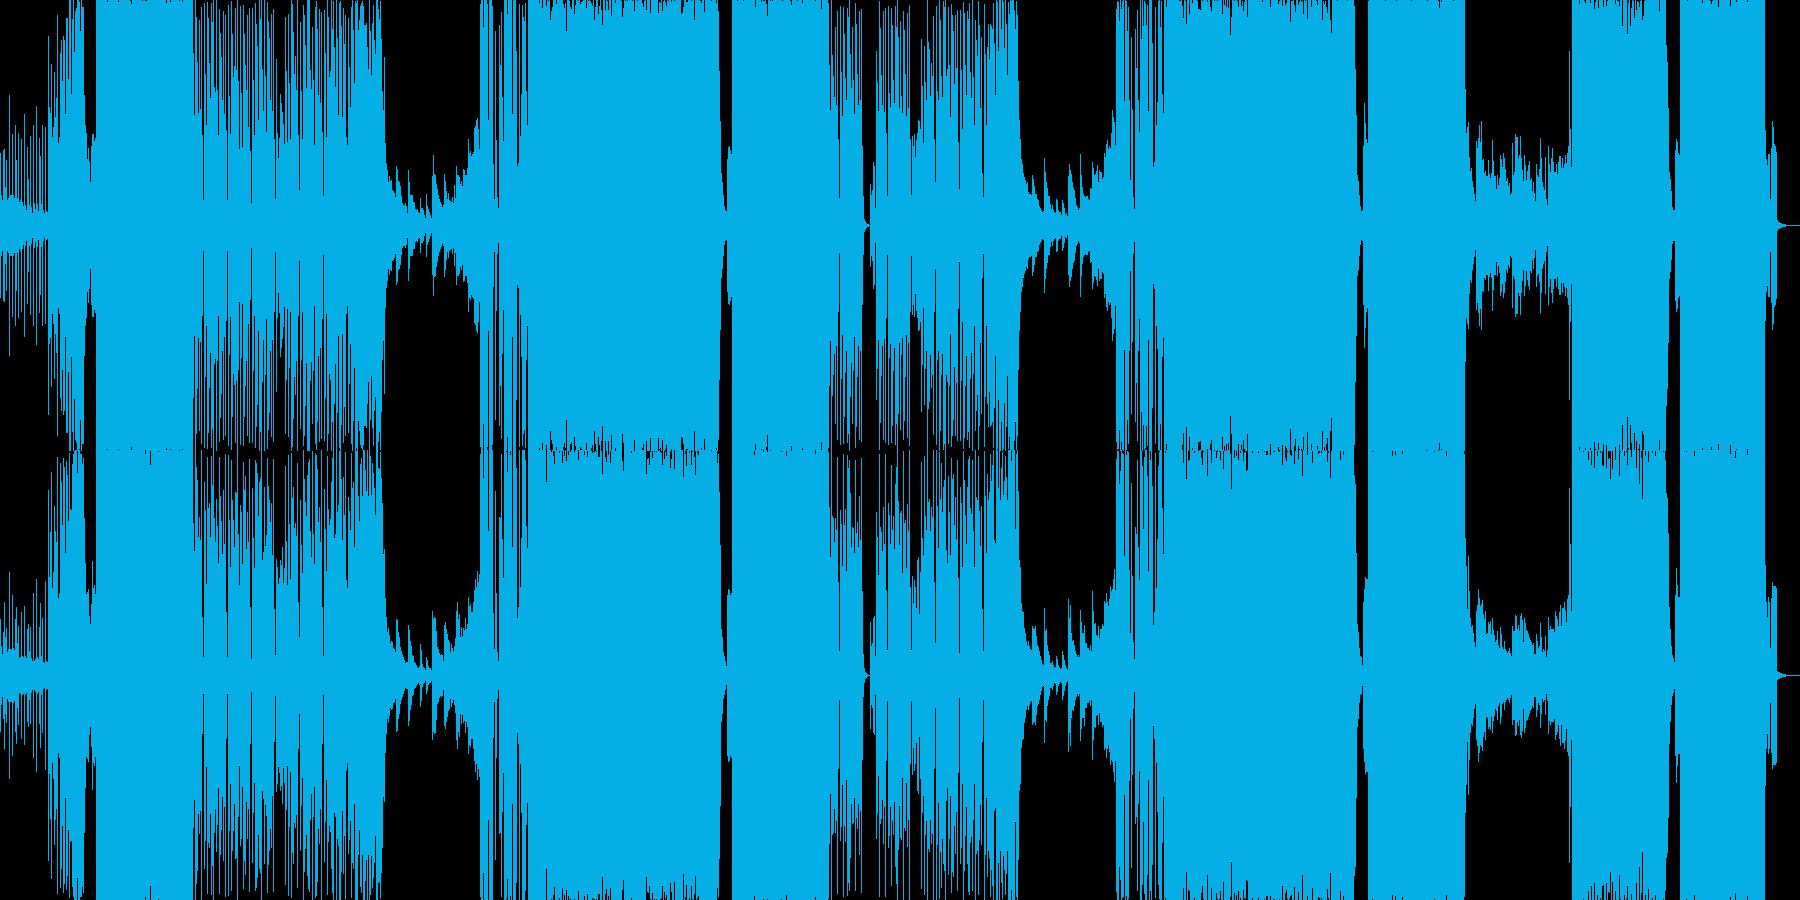 バレンタインEDM/激しいダンス曲の再生済みの波形